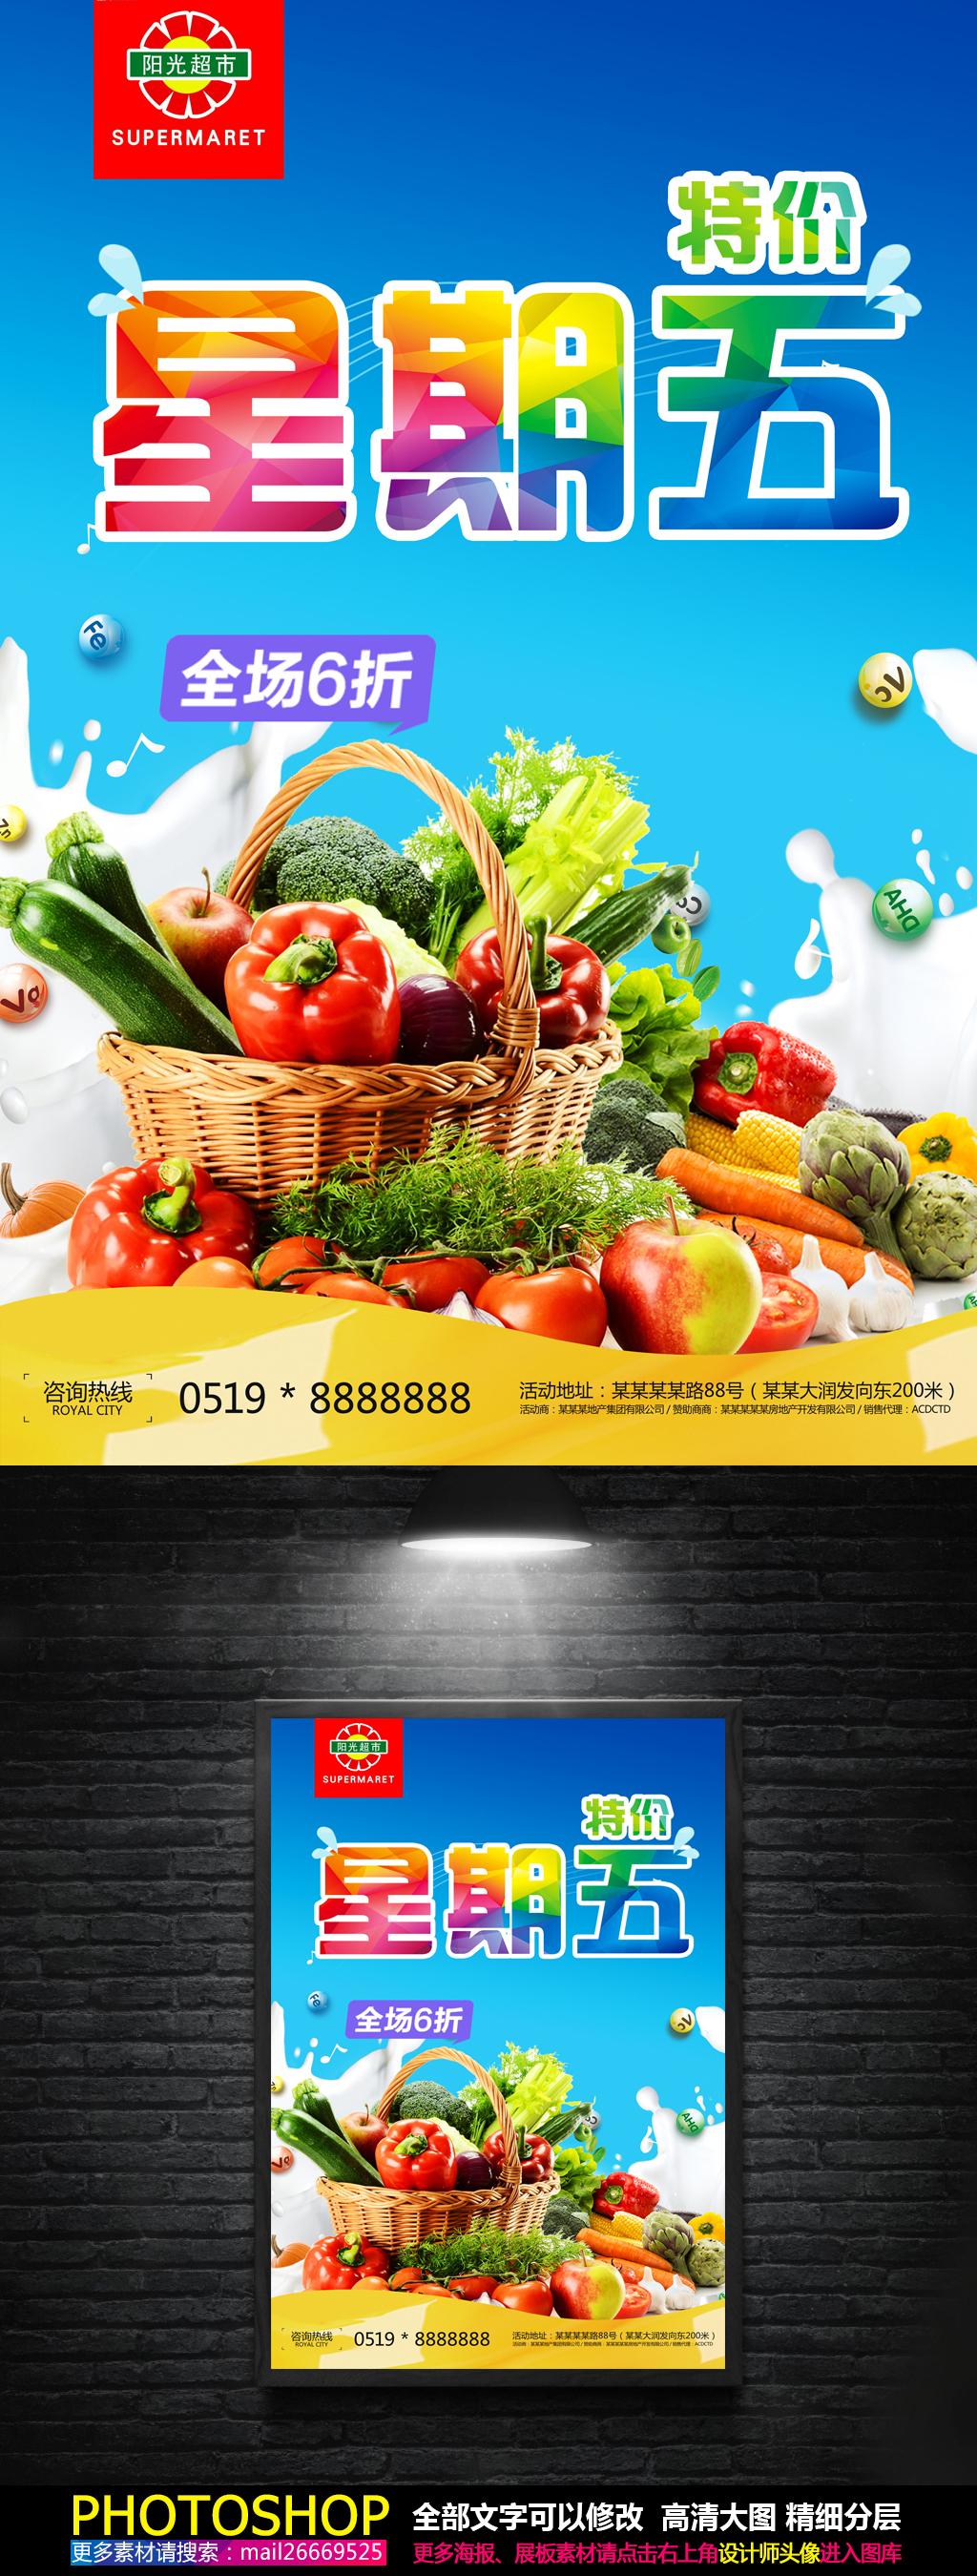 新鲜水果蔬菜超市促销特价海报